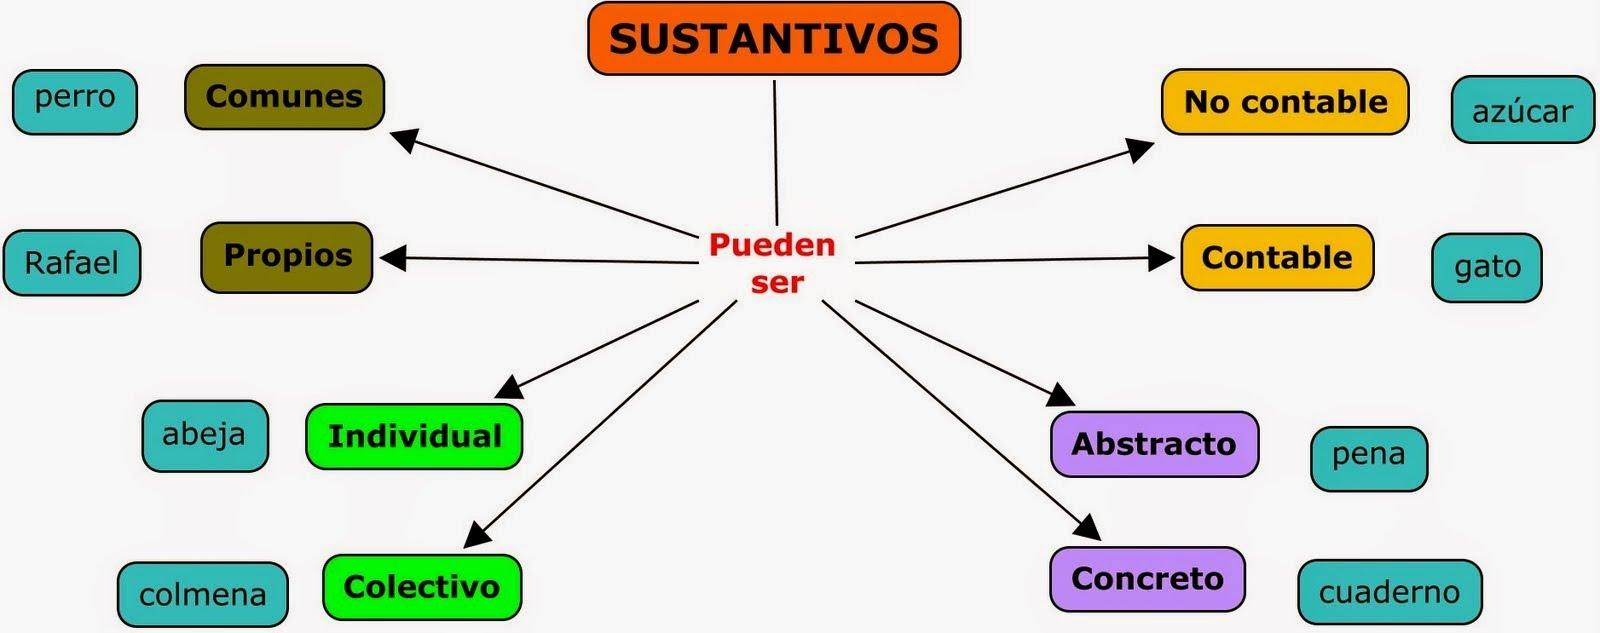 Repaso Clases De Sustantivos 4to A Francisco Velarde Tomi Digital